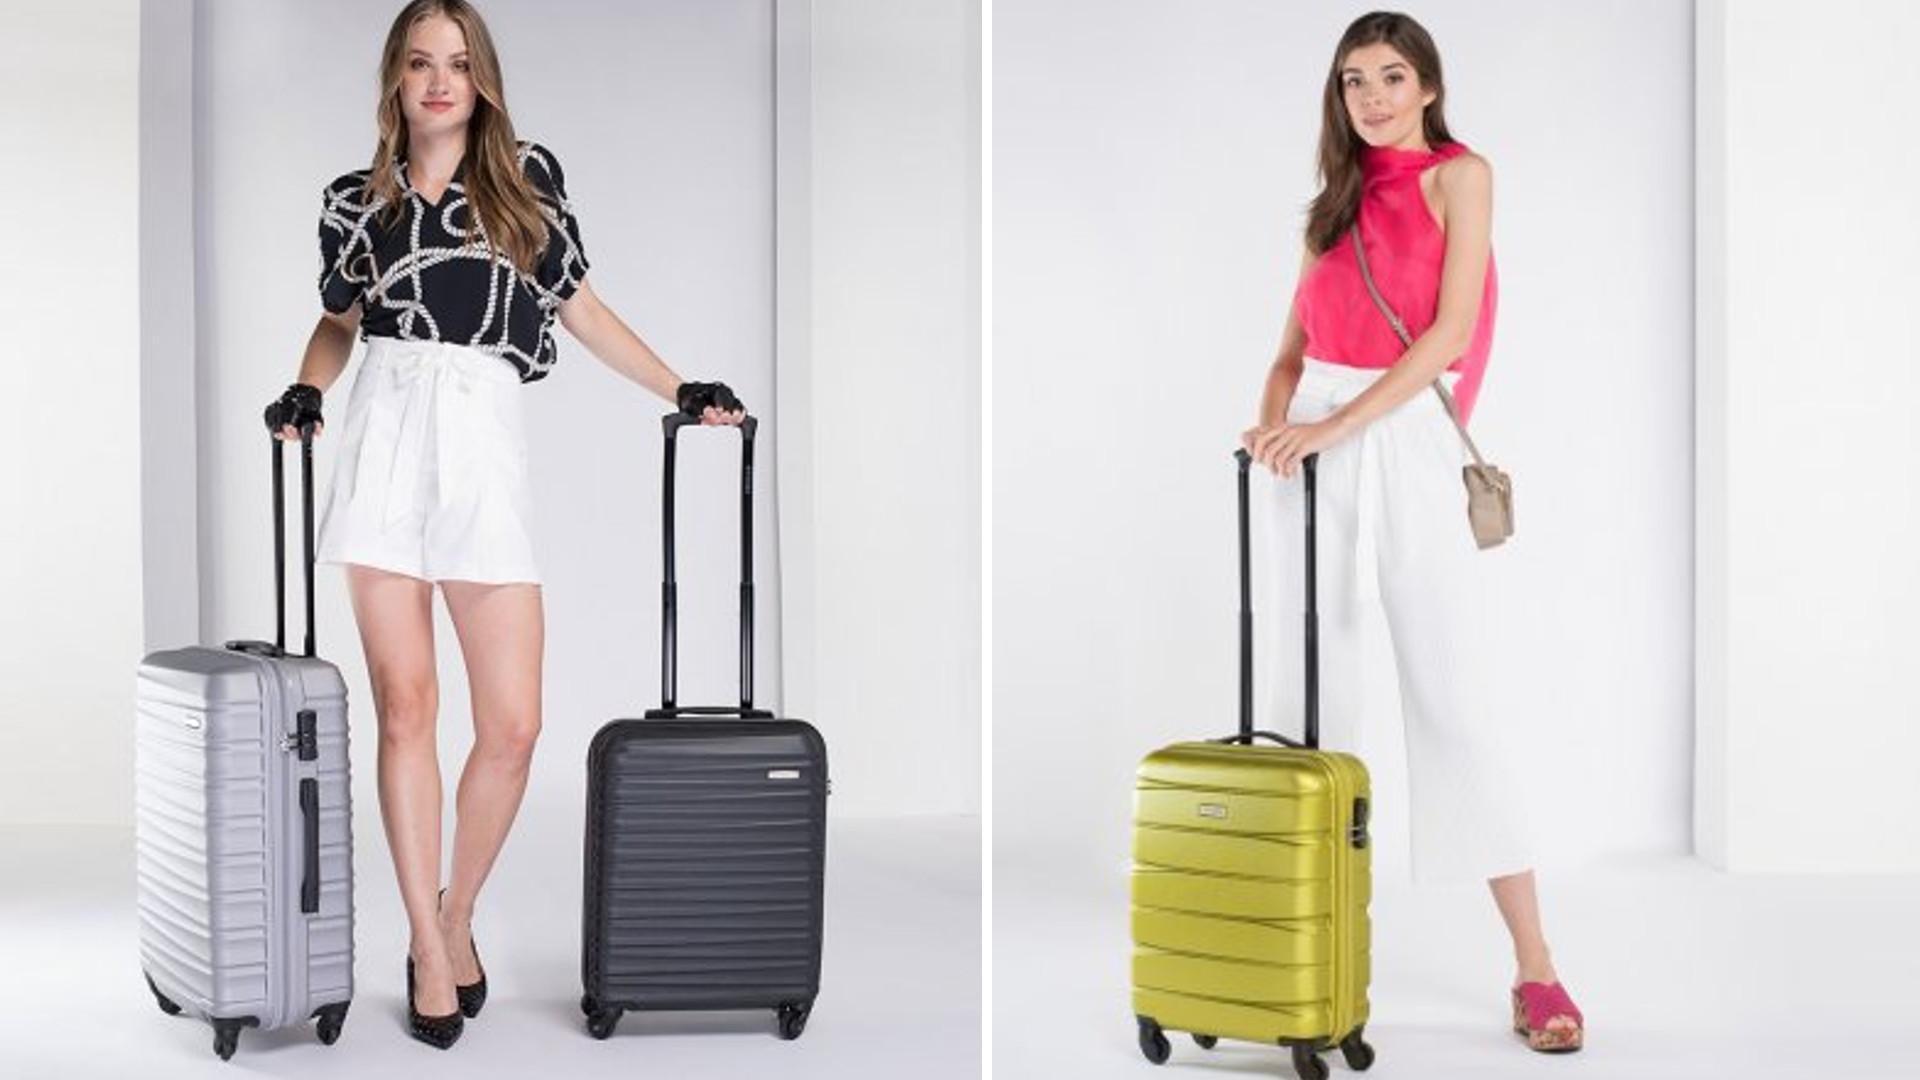 Wybierasz się na urlop? Spraw sobie najmodniejszą walizkę w MEGA niskiej cenie